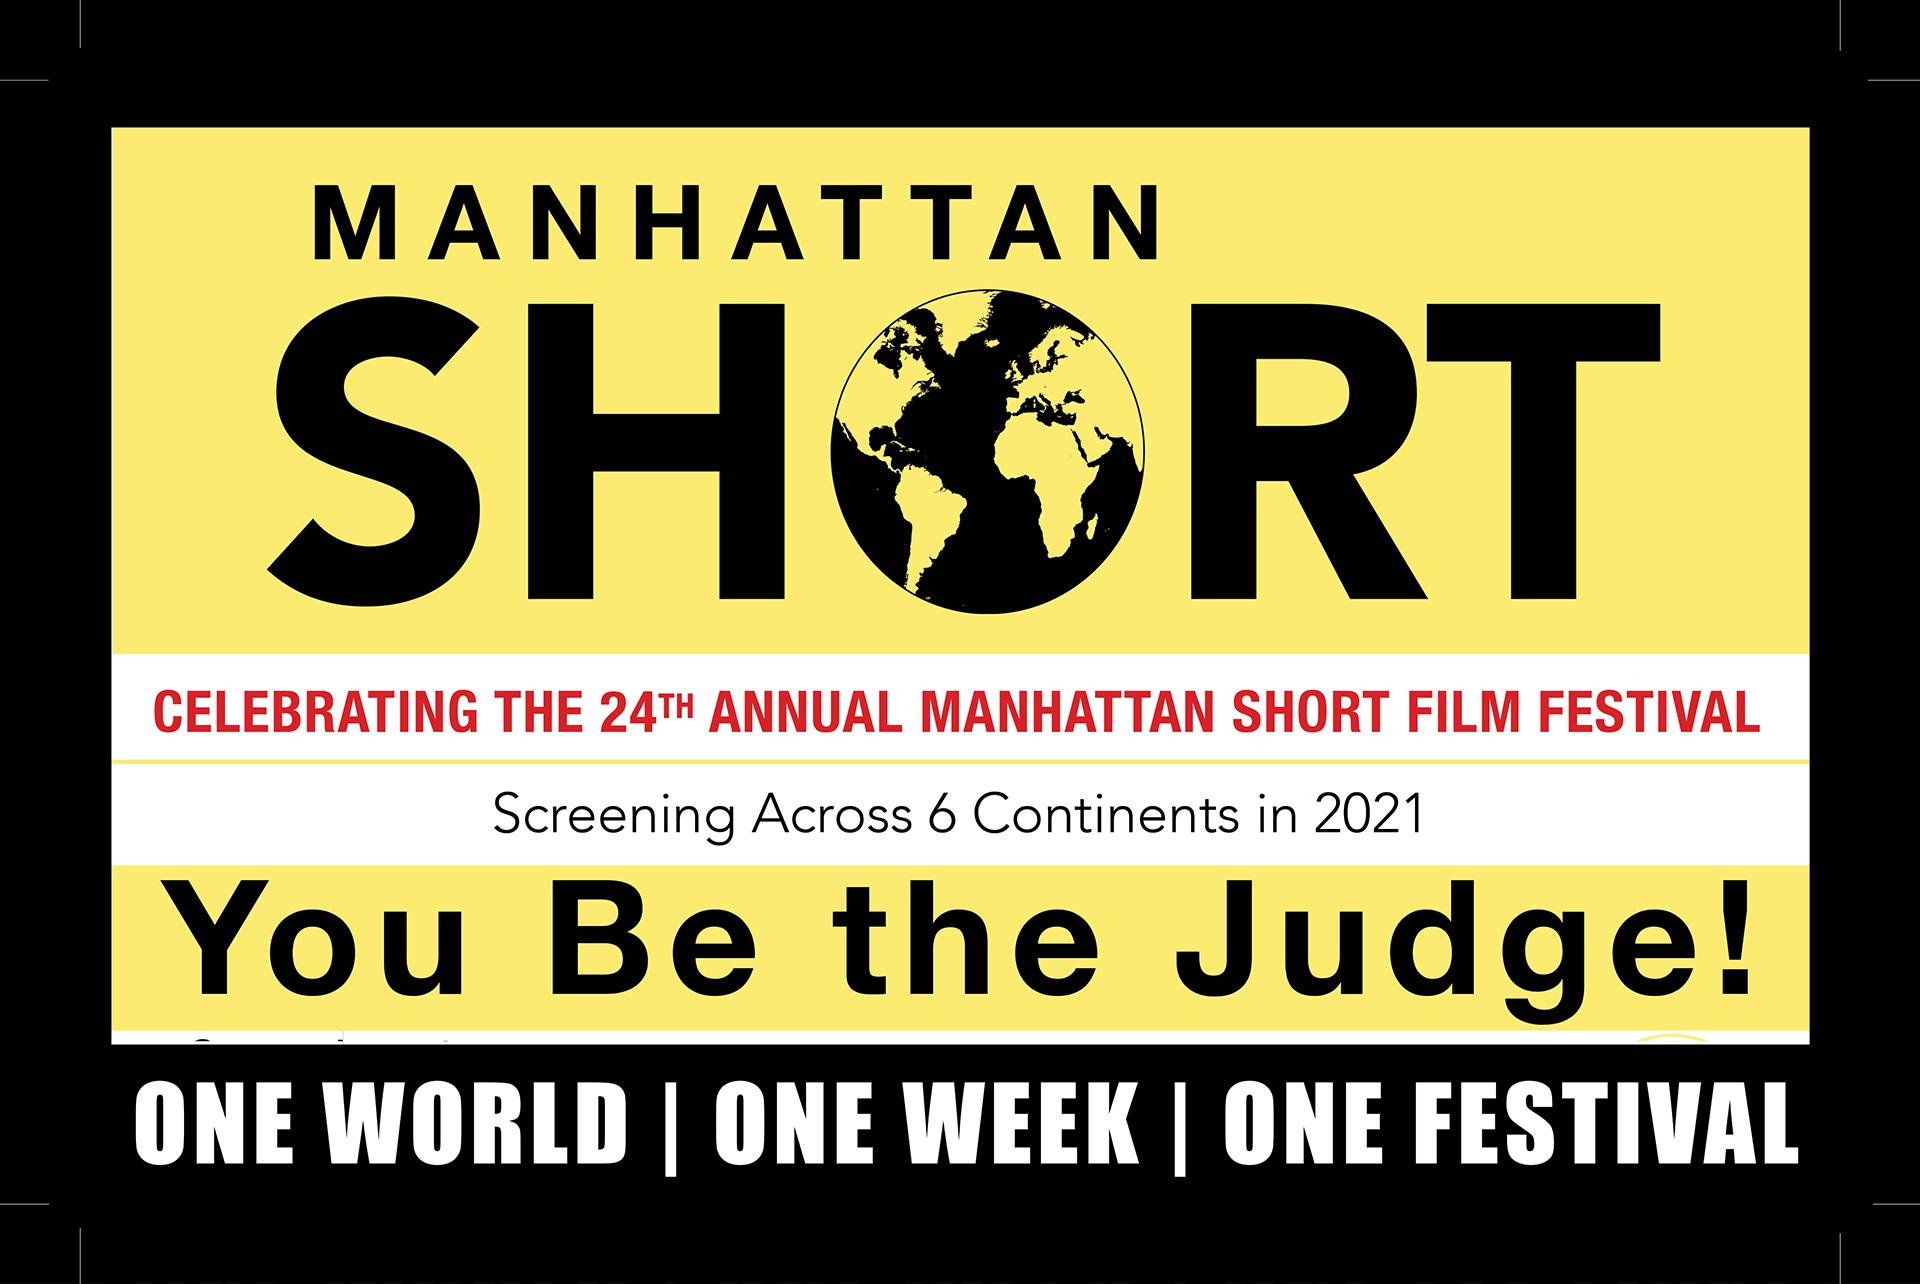 THE 24TH ANNUAL MANHATTAN SHORT FILM FESTIVAL